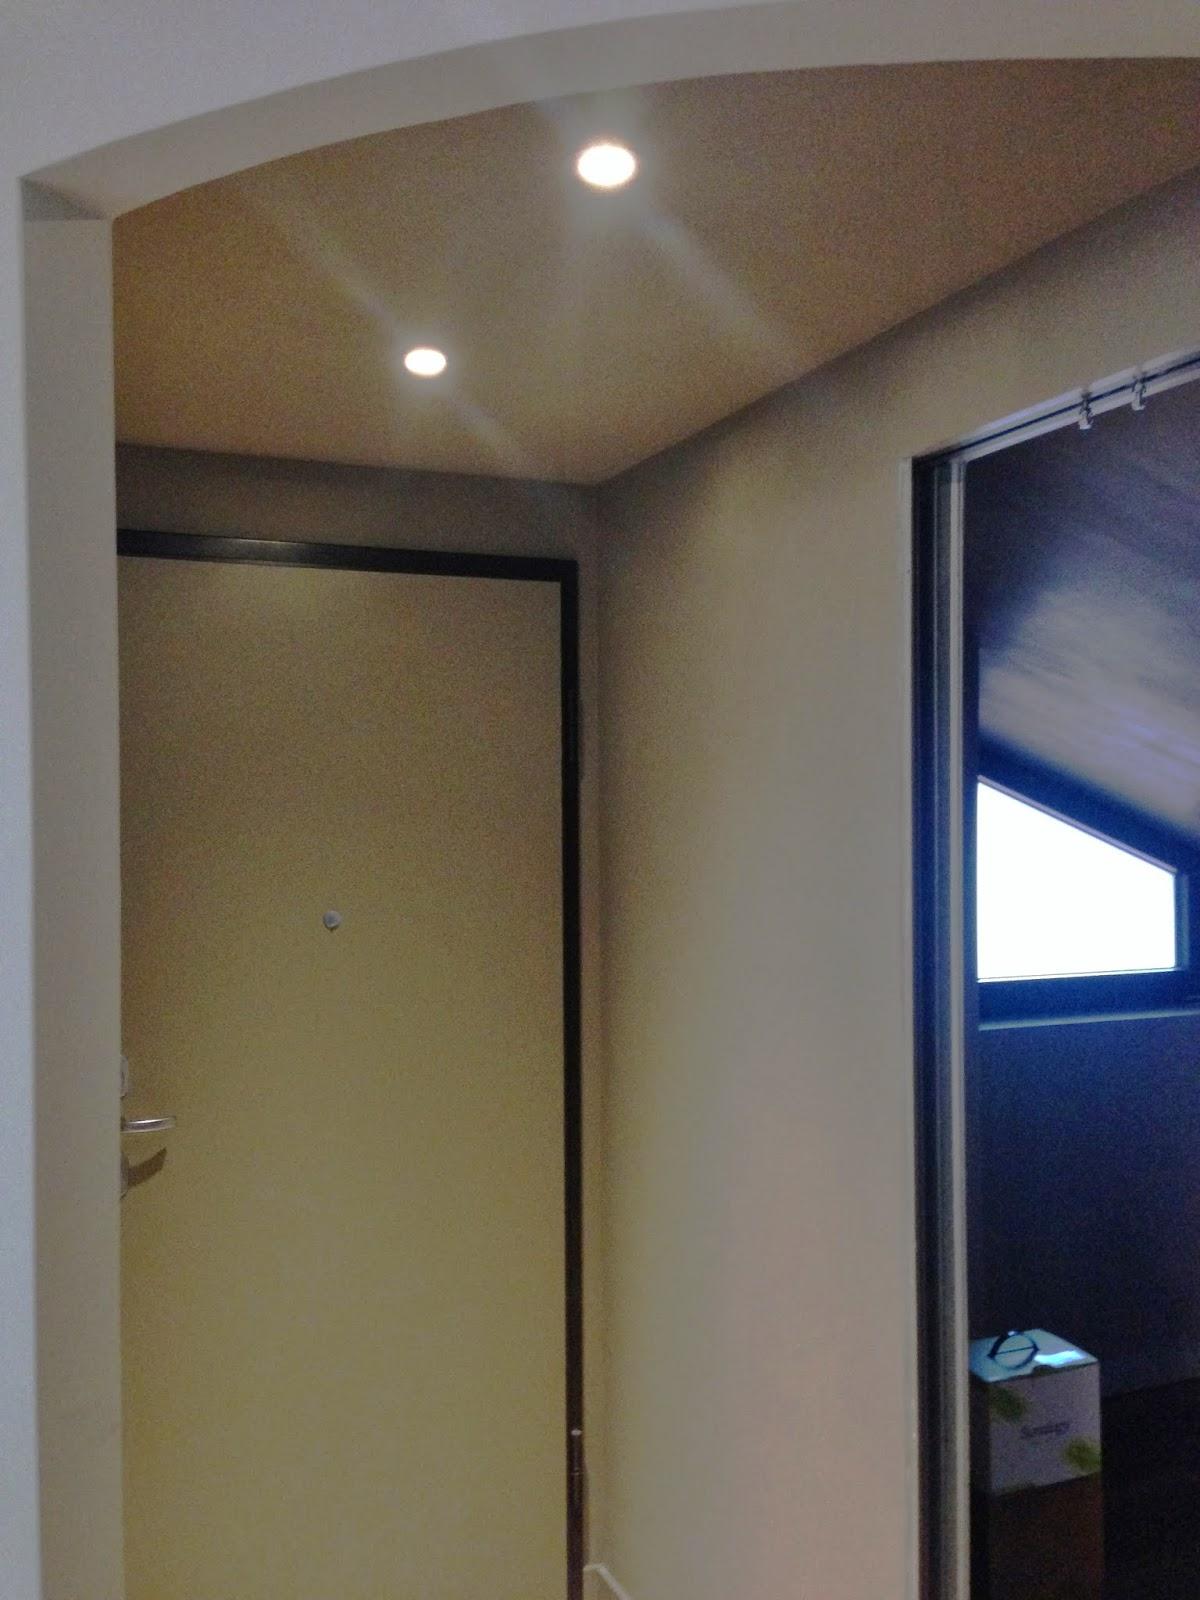 Illuminazione led casa illuminazione led casa lelide led torino presenta torino - Illuminazione ingresso casa ...